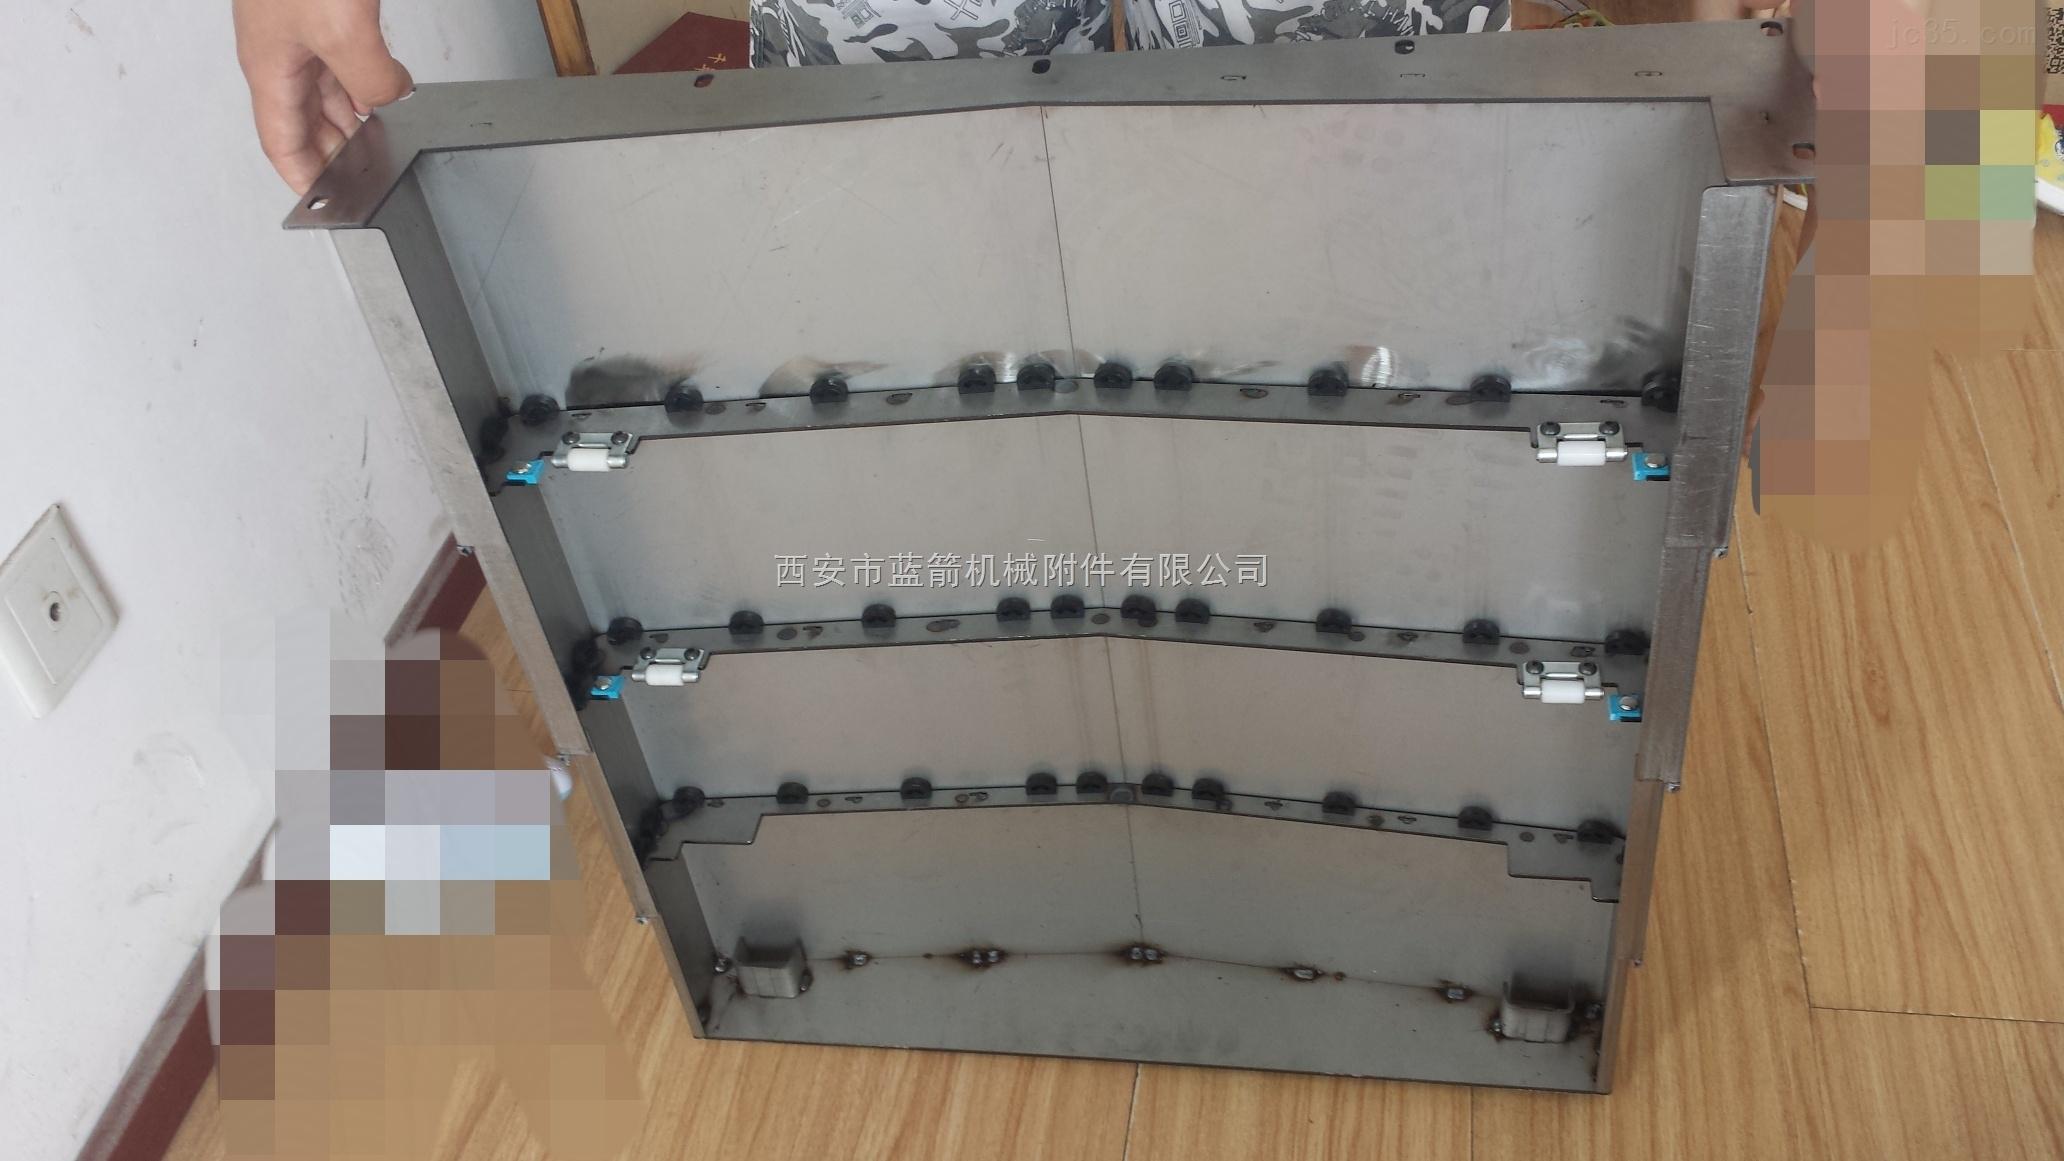 机床防护不锈钢导轨伸缩式钢板防护罩